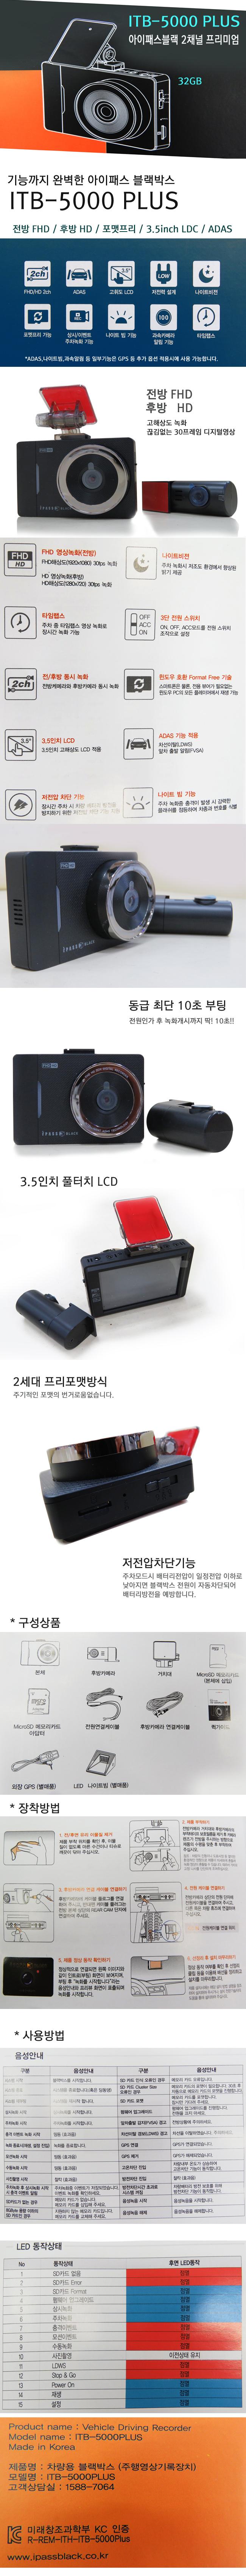 아이패스블랙 ITB-5000PLUS 풀HD